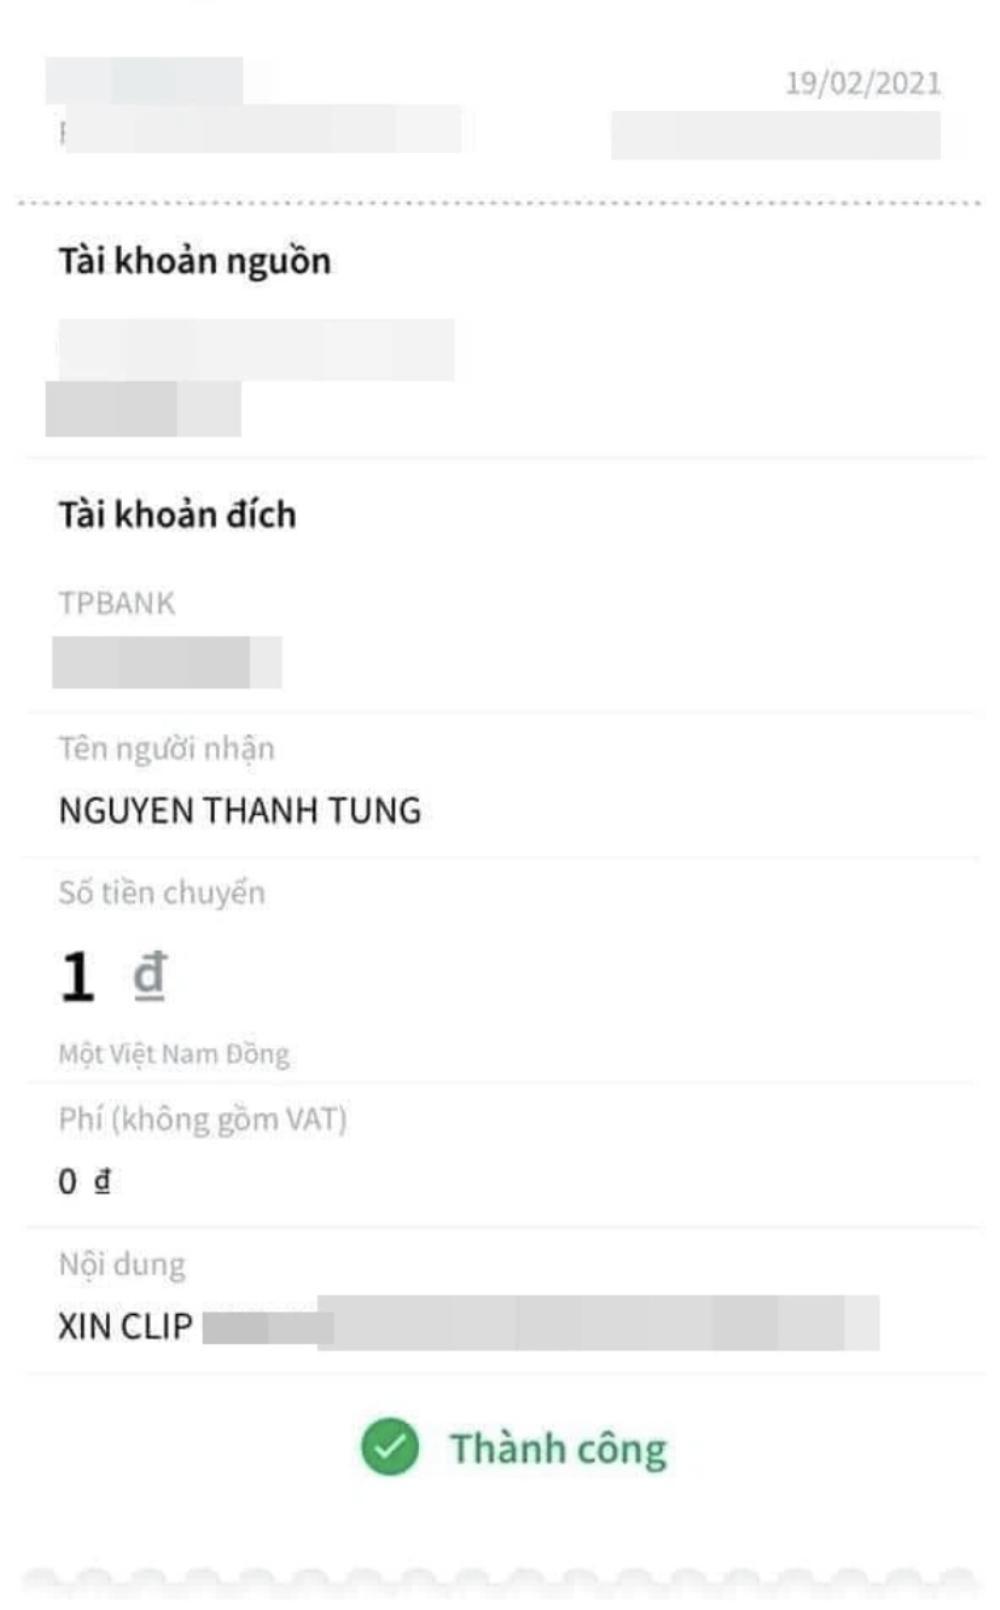 Vô tình để lộ số tài khoản ngân hàng, Sơn Tùng bị anti-fan lì xì kèm lời nhắn 'dở khóc dở cười' Ảnh 2